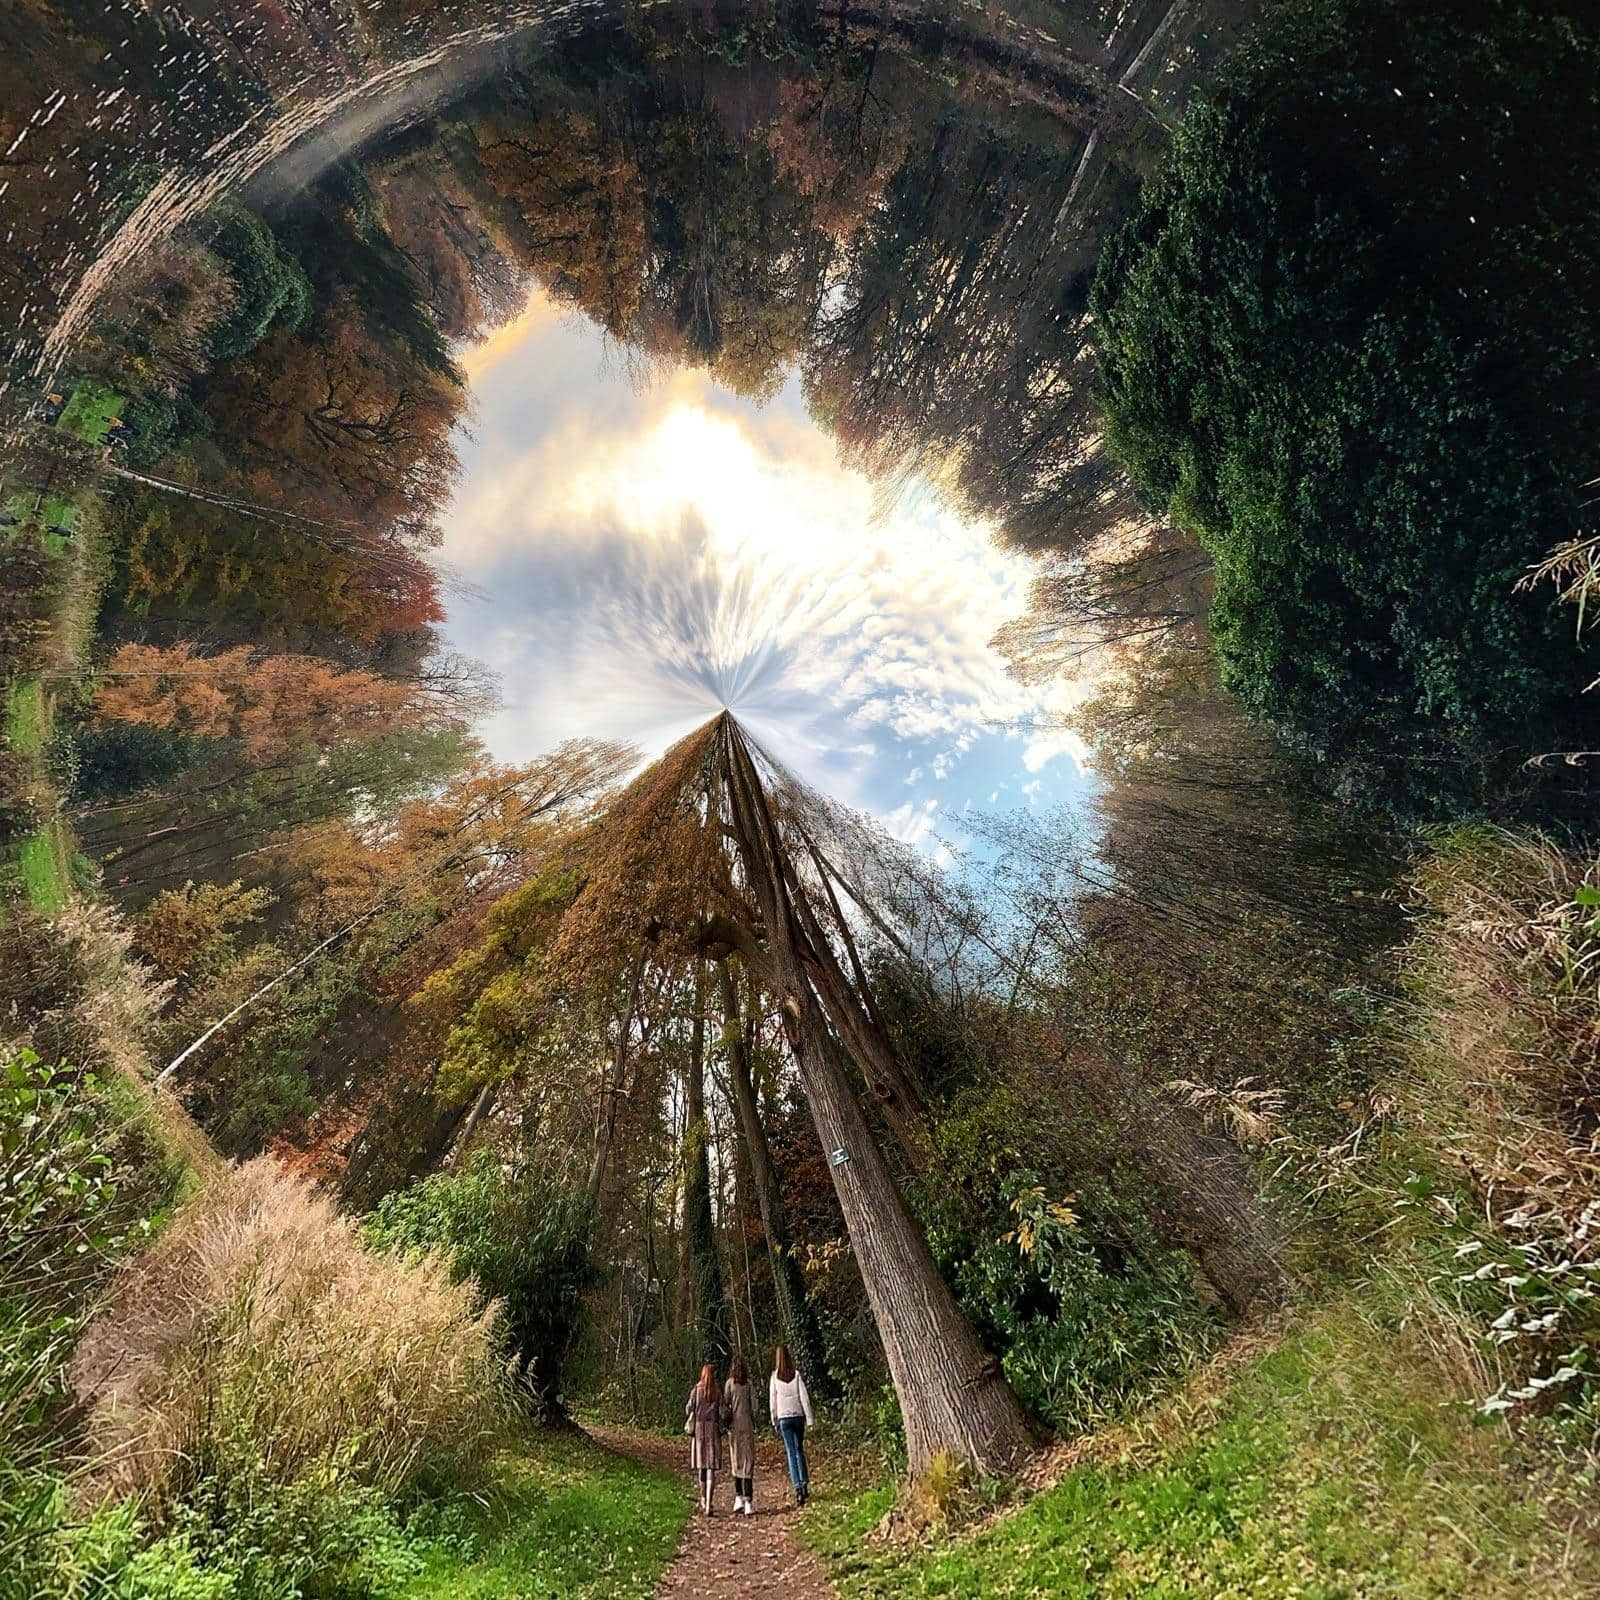 Een binnenste buiten gekeerde tiny planet heet een 'rabbit hole'.